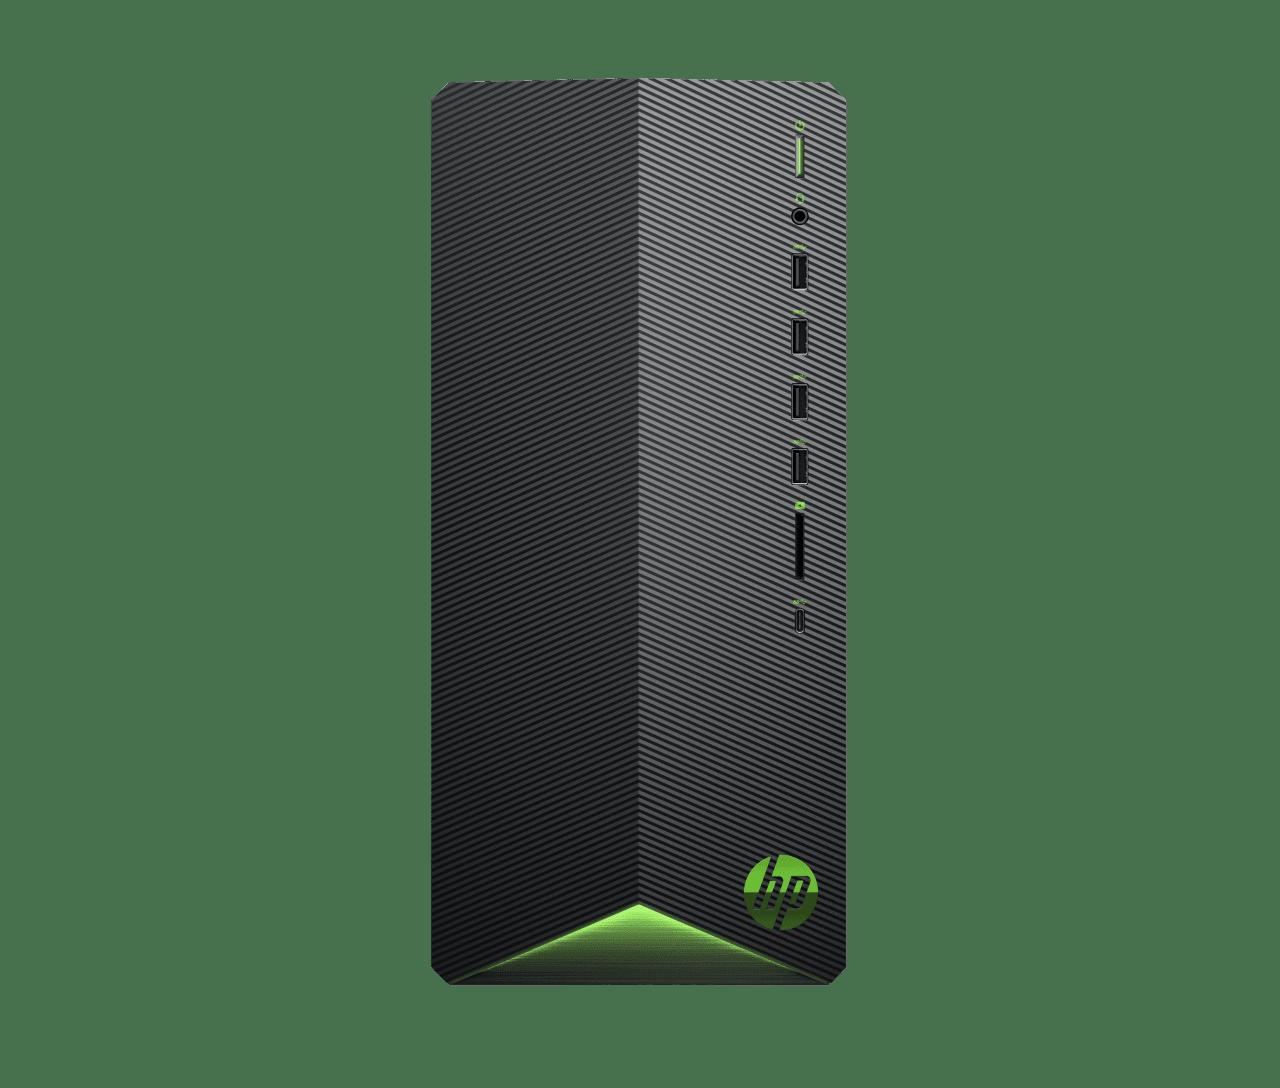 Black HP Pavilion Gaming Desktop TG01-0023ng.1